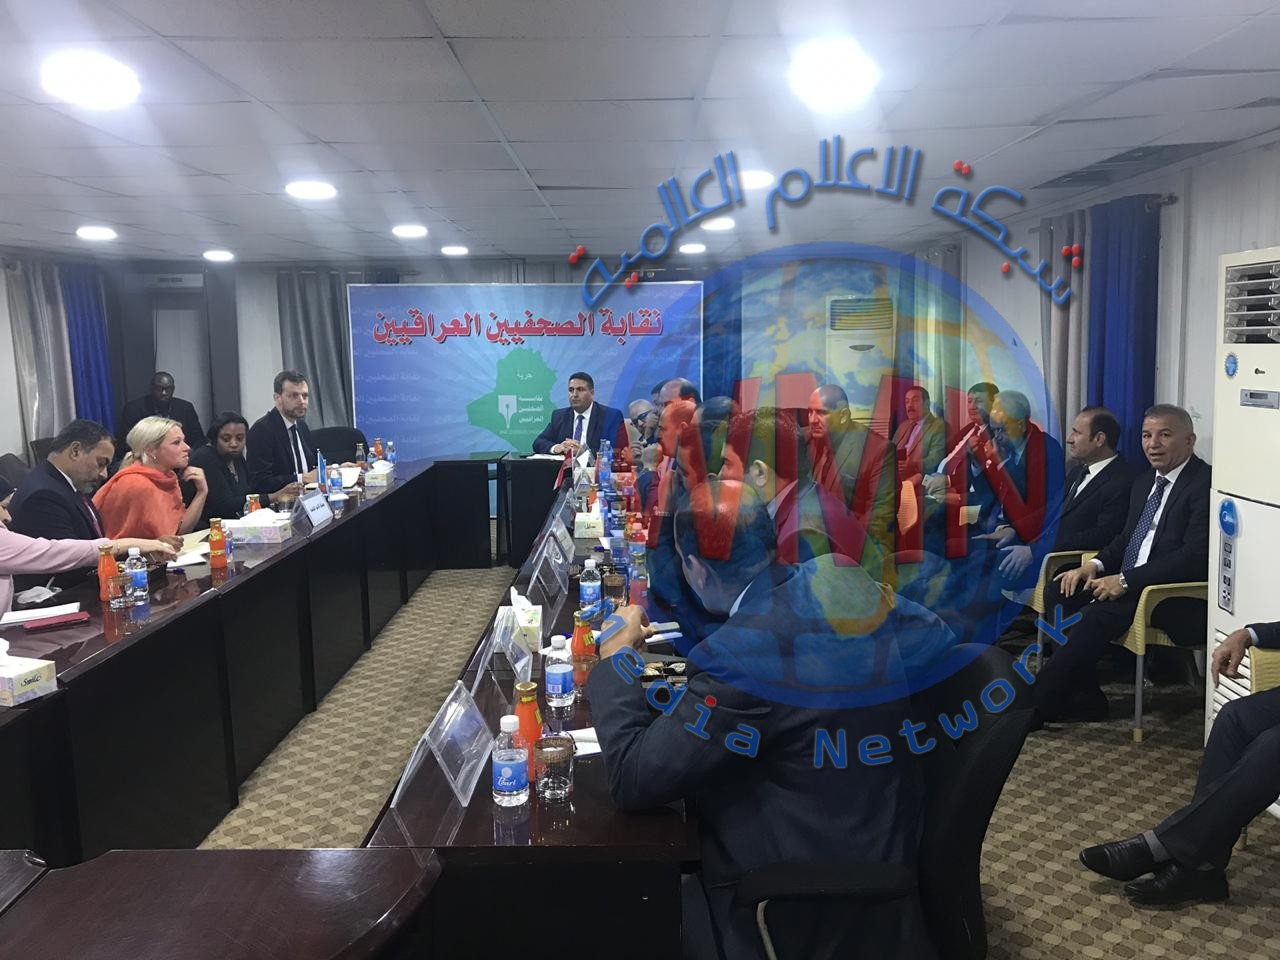 ممثلة الامين العام للامم المتحدة تصل نقابة الصحفيين العراقيين وتلتقي برؤساء النقابات والاتحادات المهنية